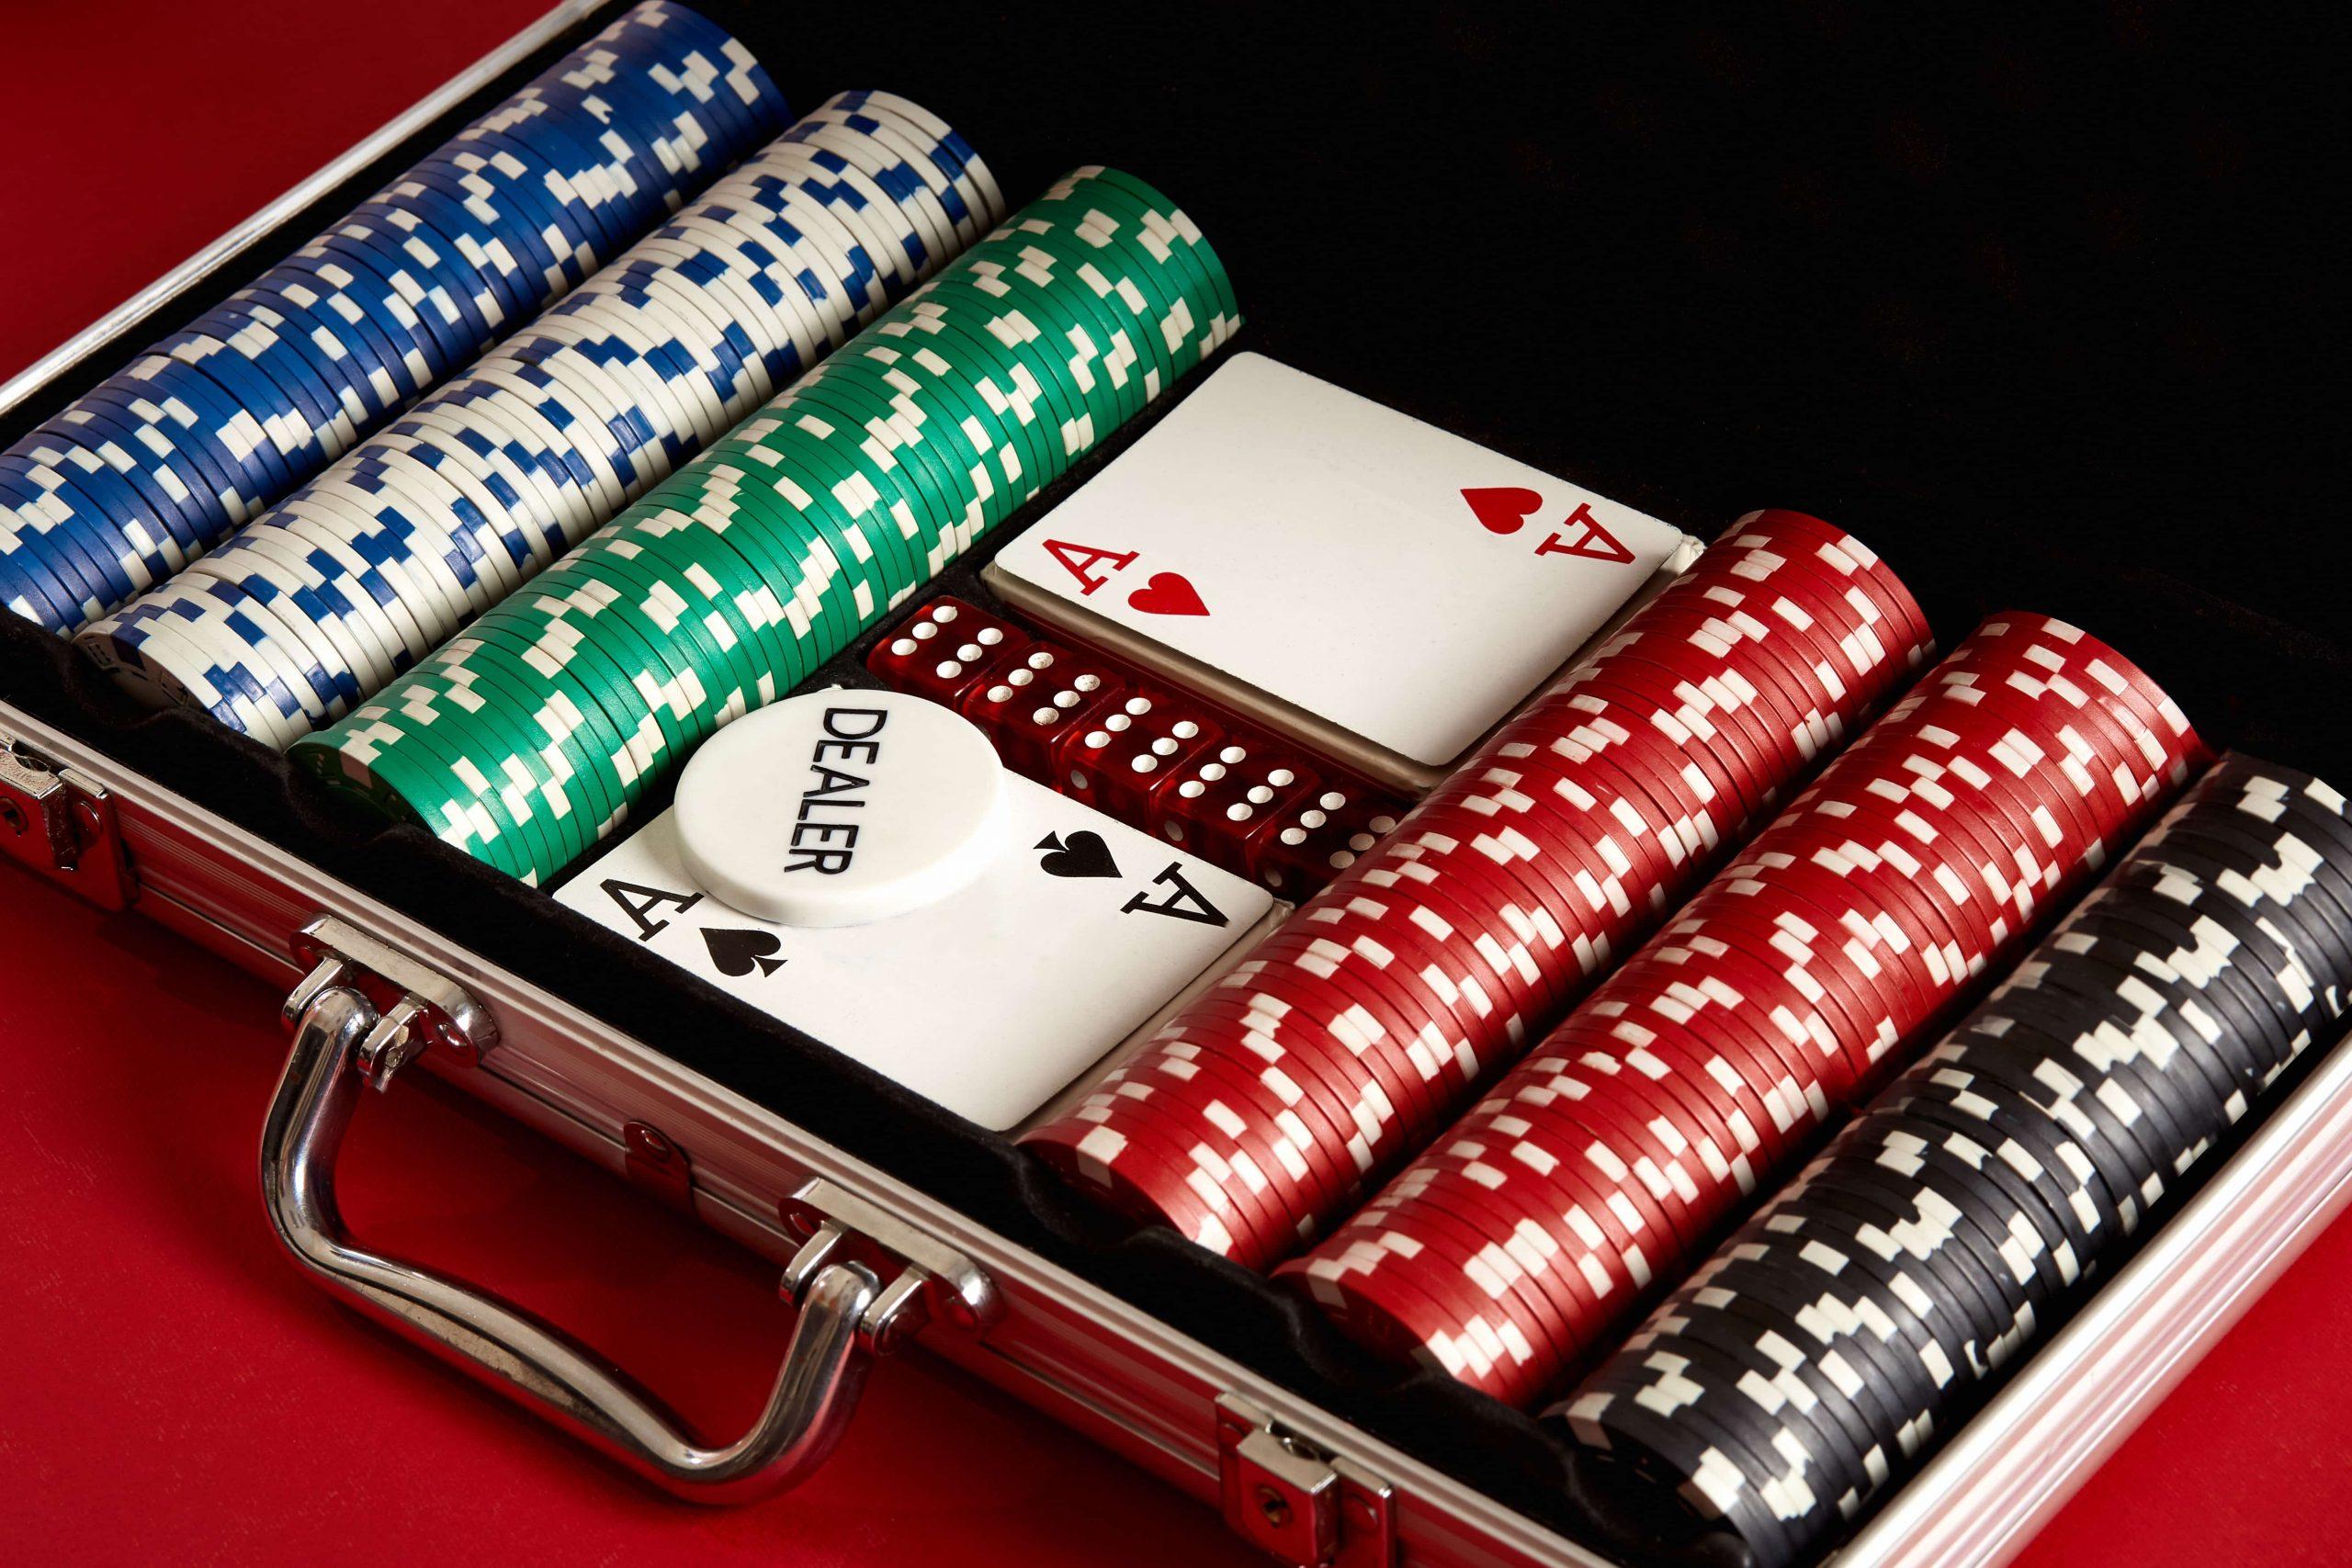 Pokerkoffer: Test & Empfehlungen (06/20)